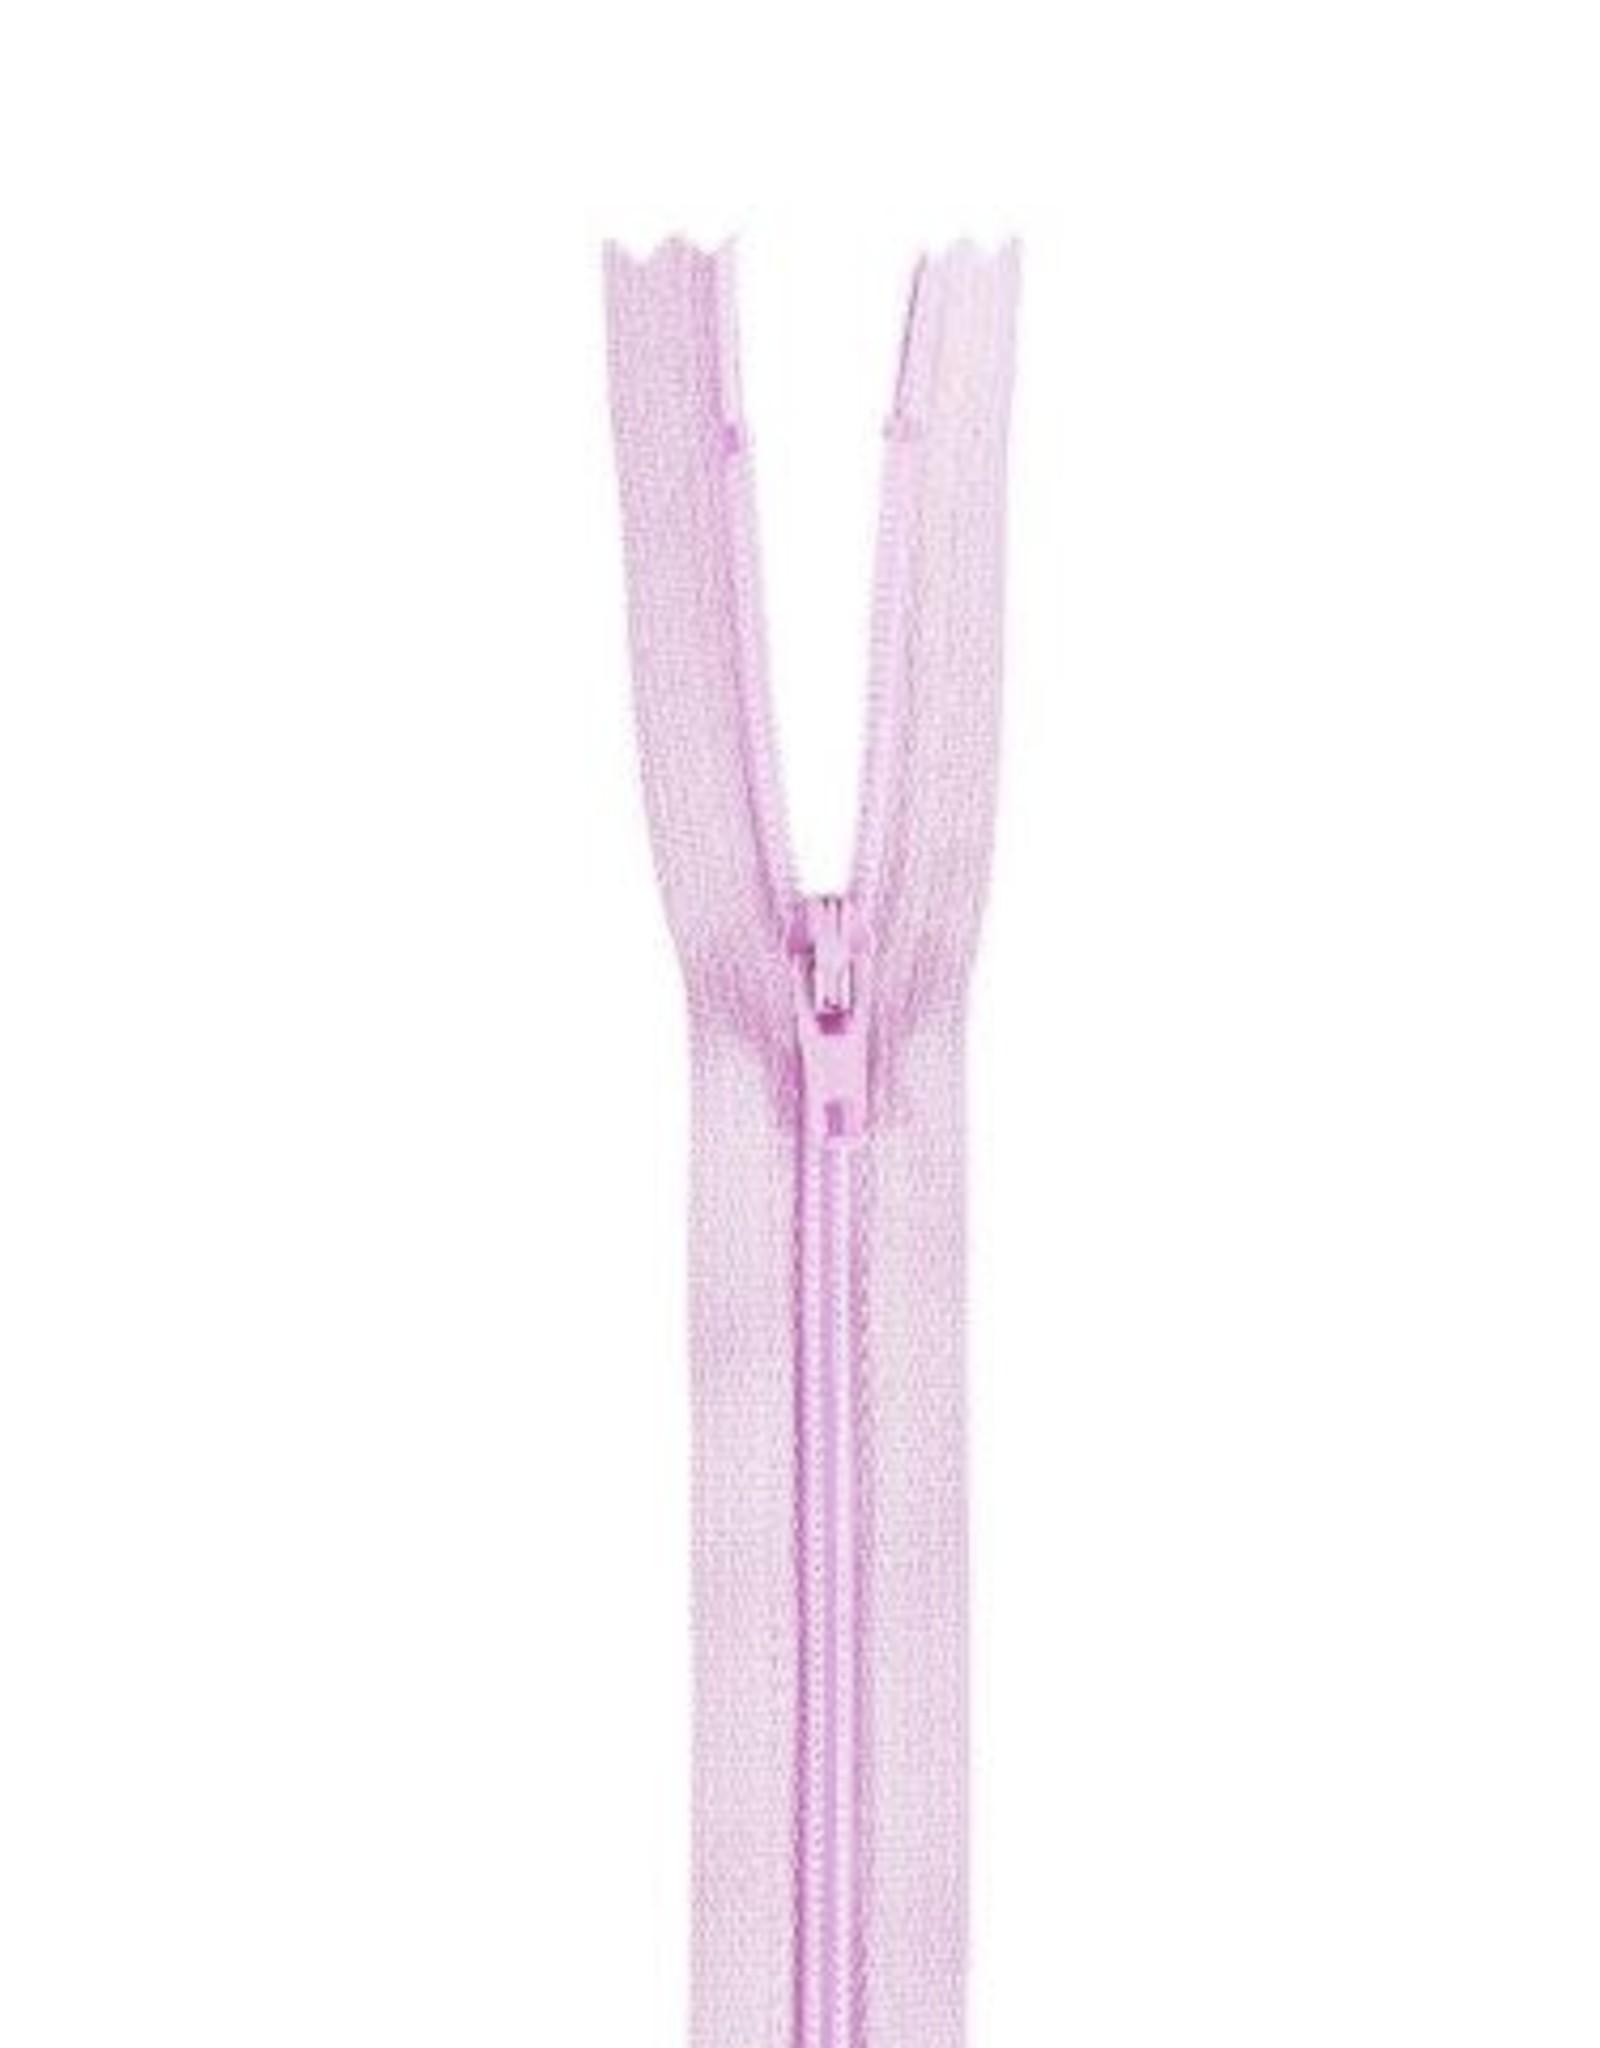 YKK Spiraalrits niet-DB 3mm licht roze paars 068-12cm